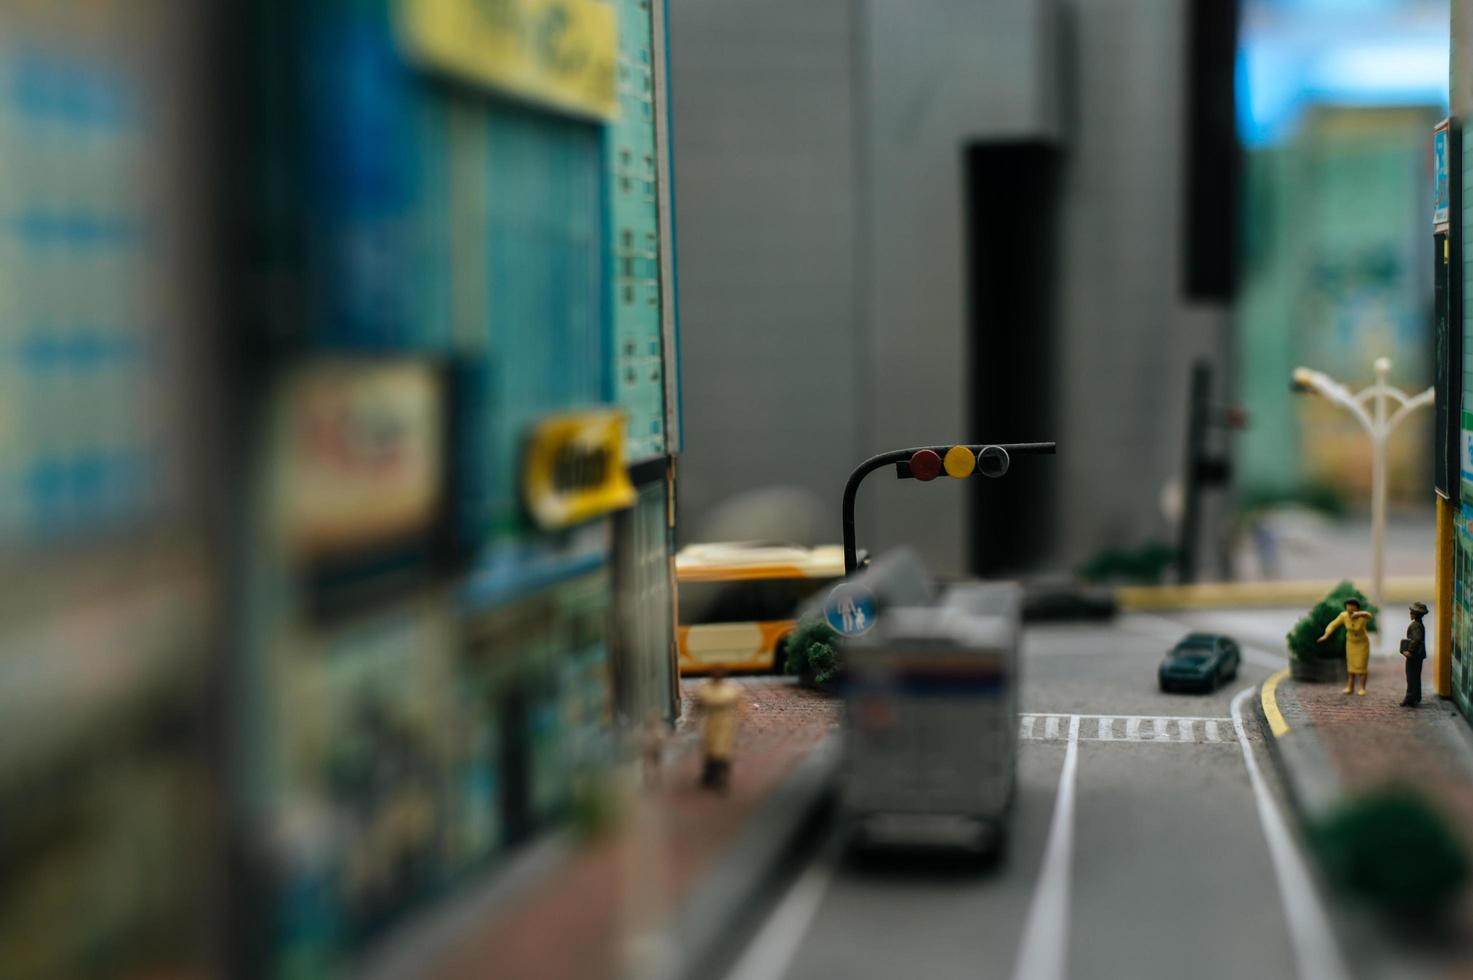 närbild av små trafikljus på vägen foto